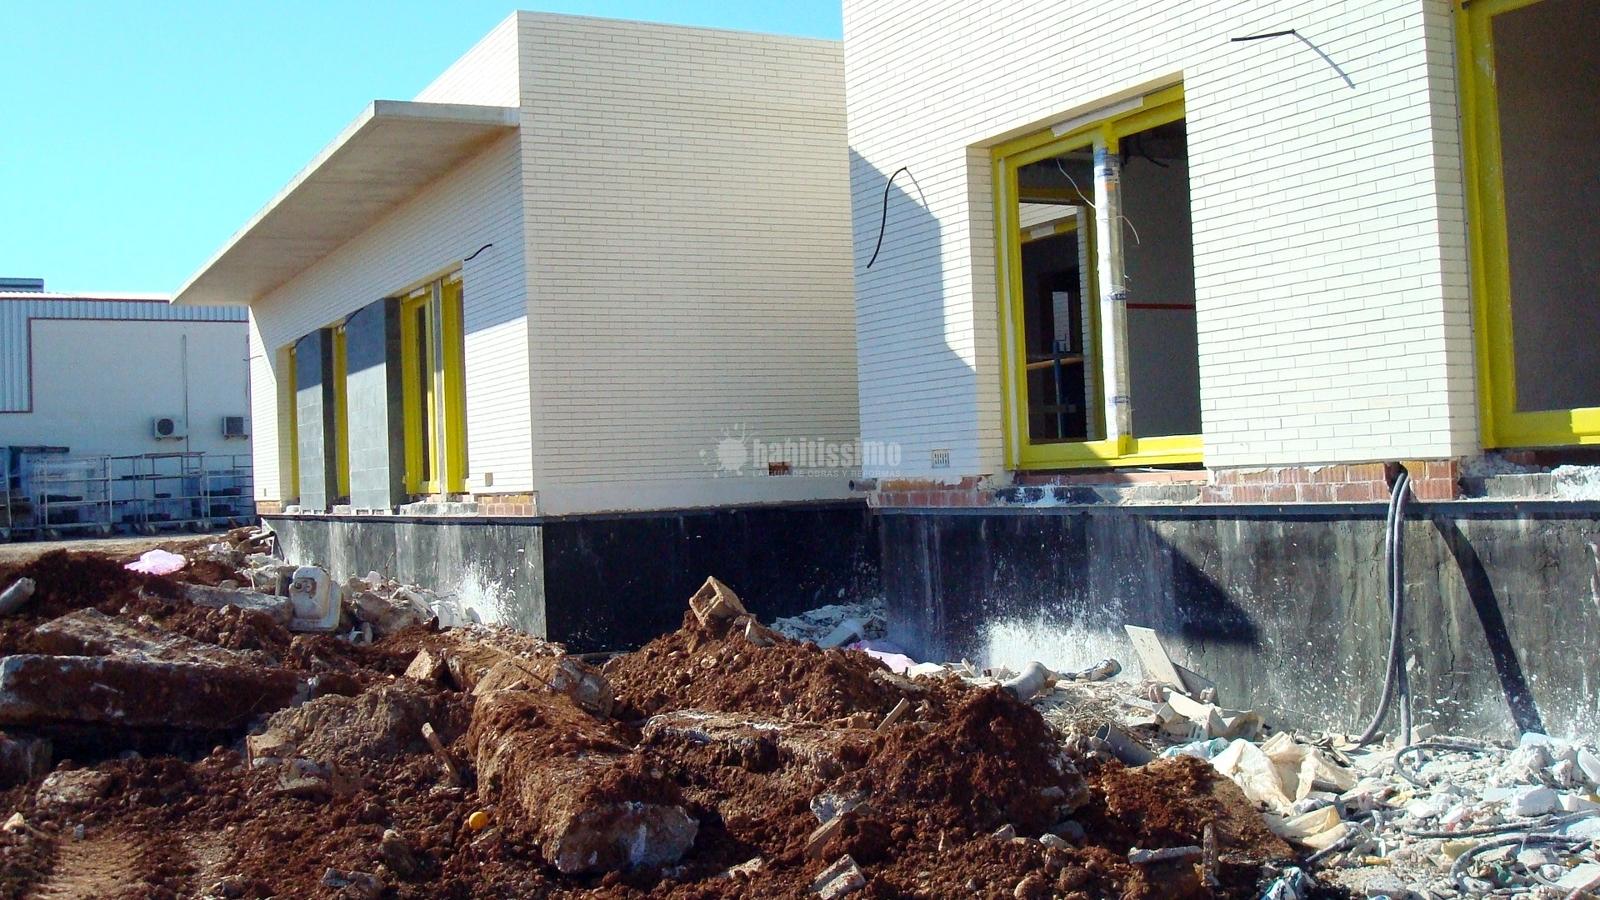 Construcción Casas, Construcciones Reformas, Constructores